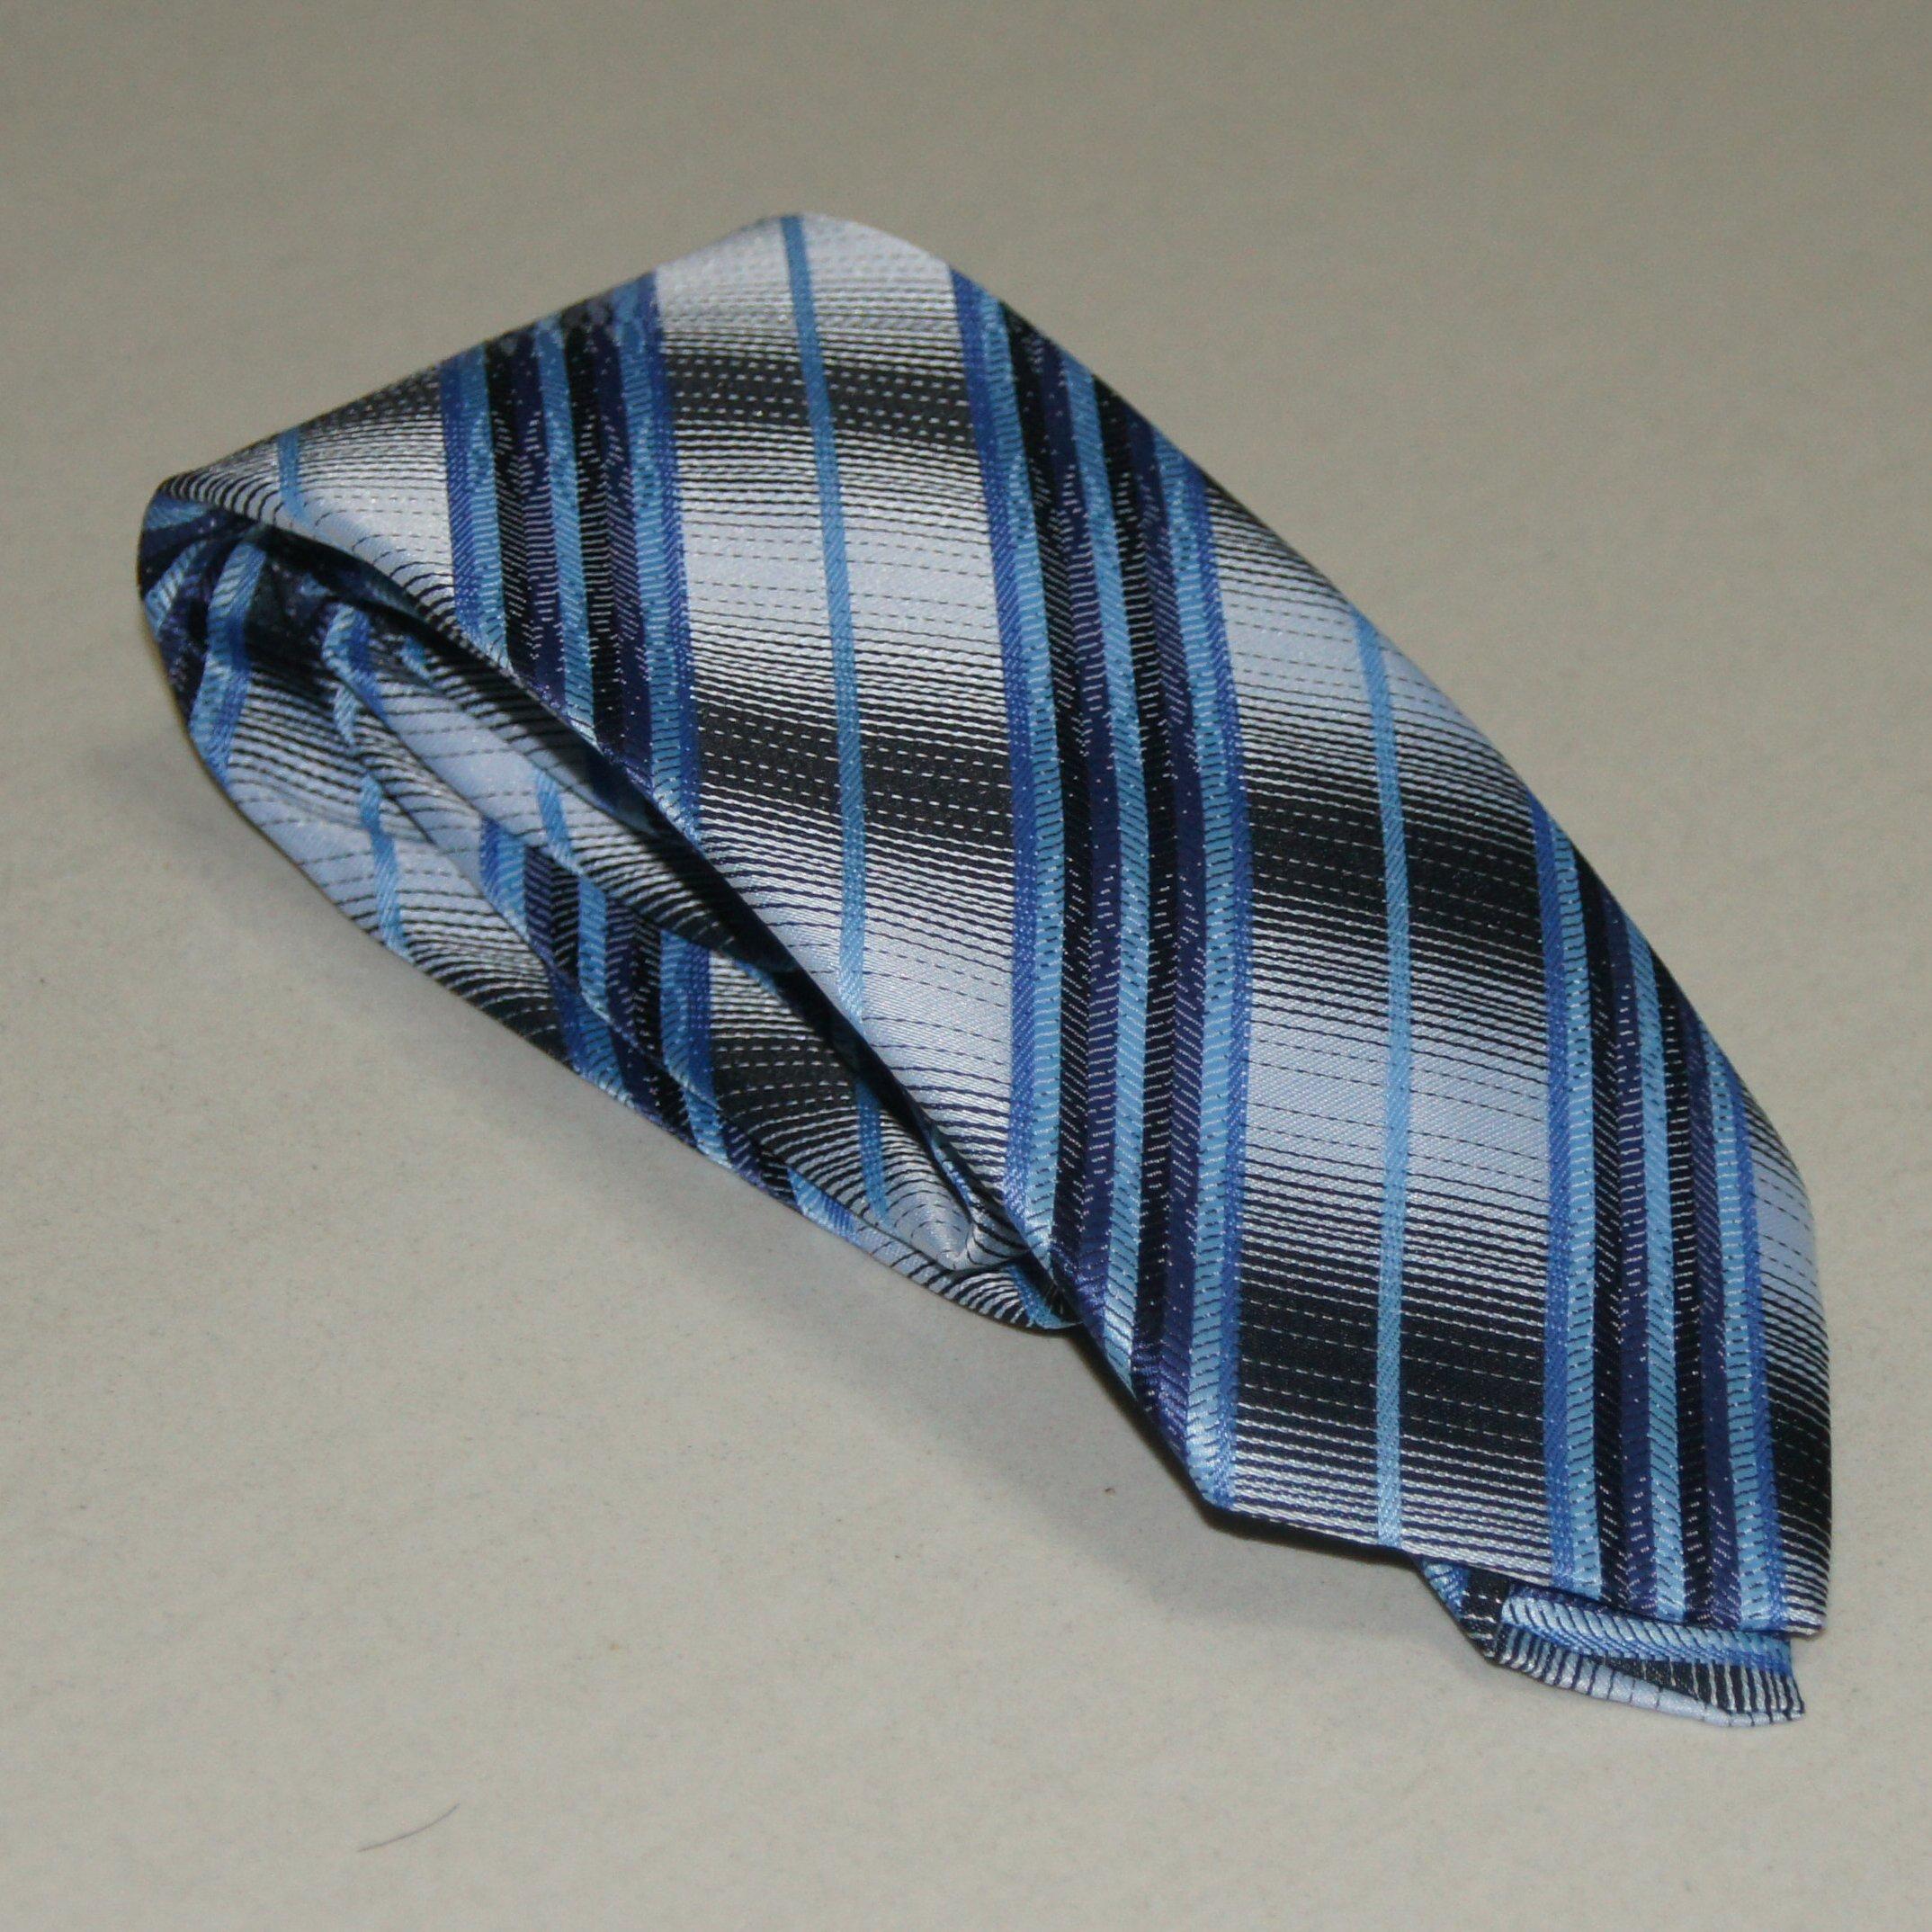 muske kravate beograd #198 - muske kravate, prodaja muskih kravata, muske kravate beograd,prodaja muskih kravata cene,on line prodaja, muske kosulje,prodaja muskih kosulja, muske kosulje beograd, kosulje za mladozenje, kosulje za svecane prilike, jednobojne kravate,